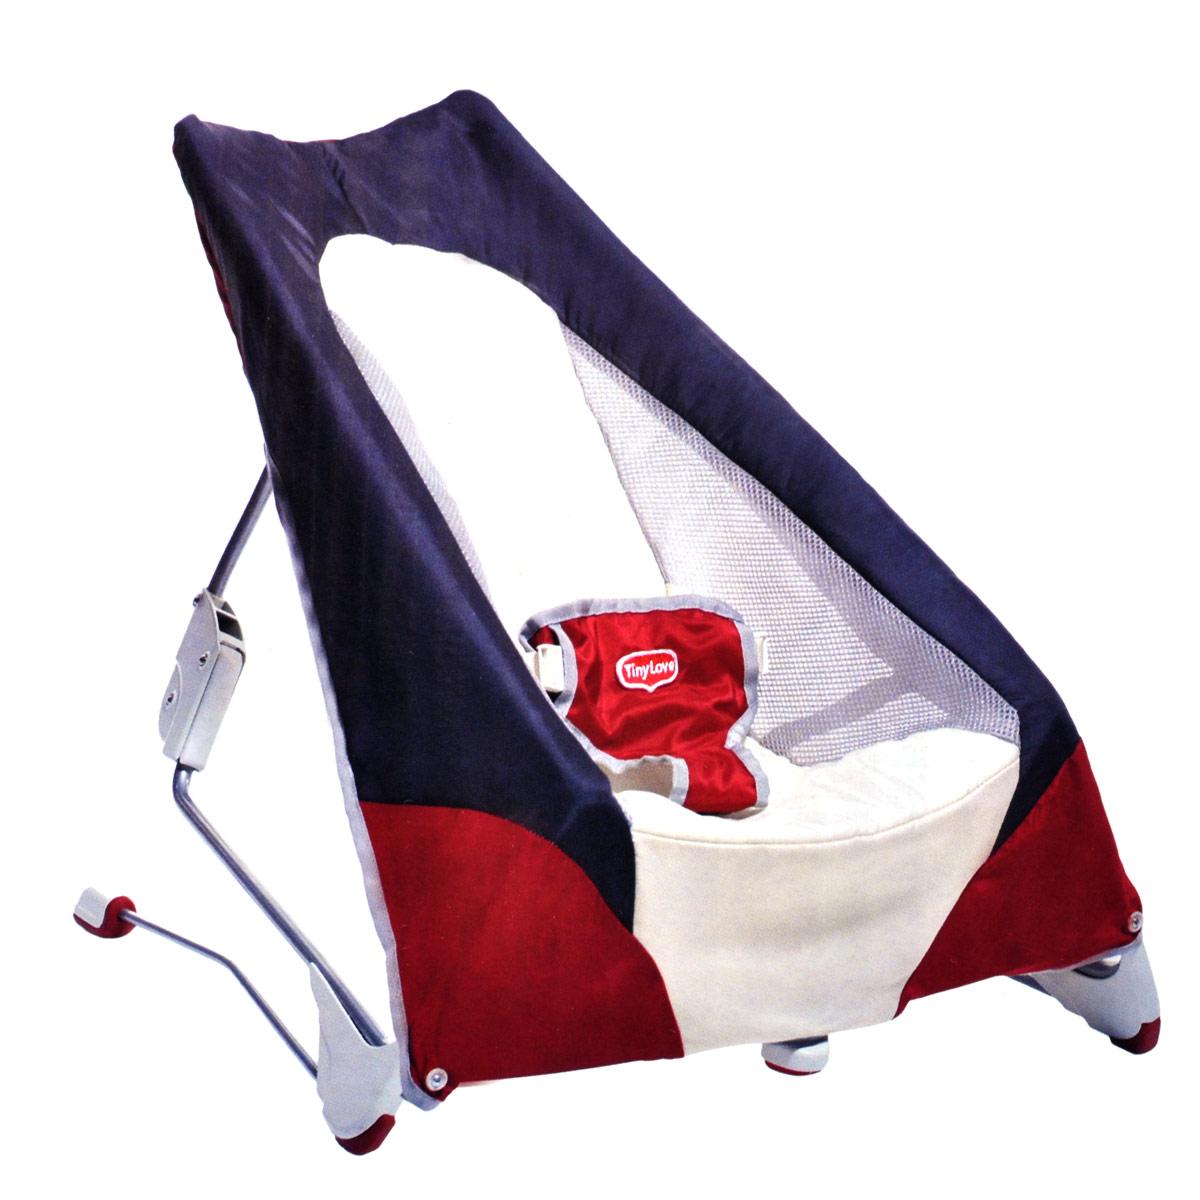 Переносной баунсер Tiny Love, цвет: синий, белый, красный1801406130Переносной баунсер Tiny Love - это удобное кресло для детей с самого рождения, которое позволит вашему малышу чувствовать себя комфортно как дома, так и в любом другом месте. Благодаря полувертикальному положению малыш сможет смотреть на мир под новым углом и общаться со взрослыми на одном уровне. Ремни безопасности не дадут ребенку упасть. Баунсер не требует сборки и легко складывается для удобной транспортировки. В таком кресле вашему малышу будет максимально комфортно и безопасно! Характеристики: Материал: металл, пластик, текстиль. Рекомендуемый возраст: от 0 месяцев. Максимальный вес ребенка: 9 кг. Размер упаковки (ДхШхВ): 59 см x 34,5 см x 11,5 см. Изготовитель: Китай.